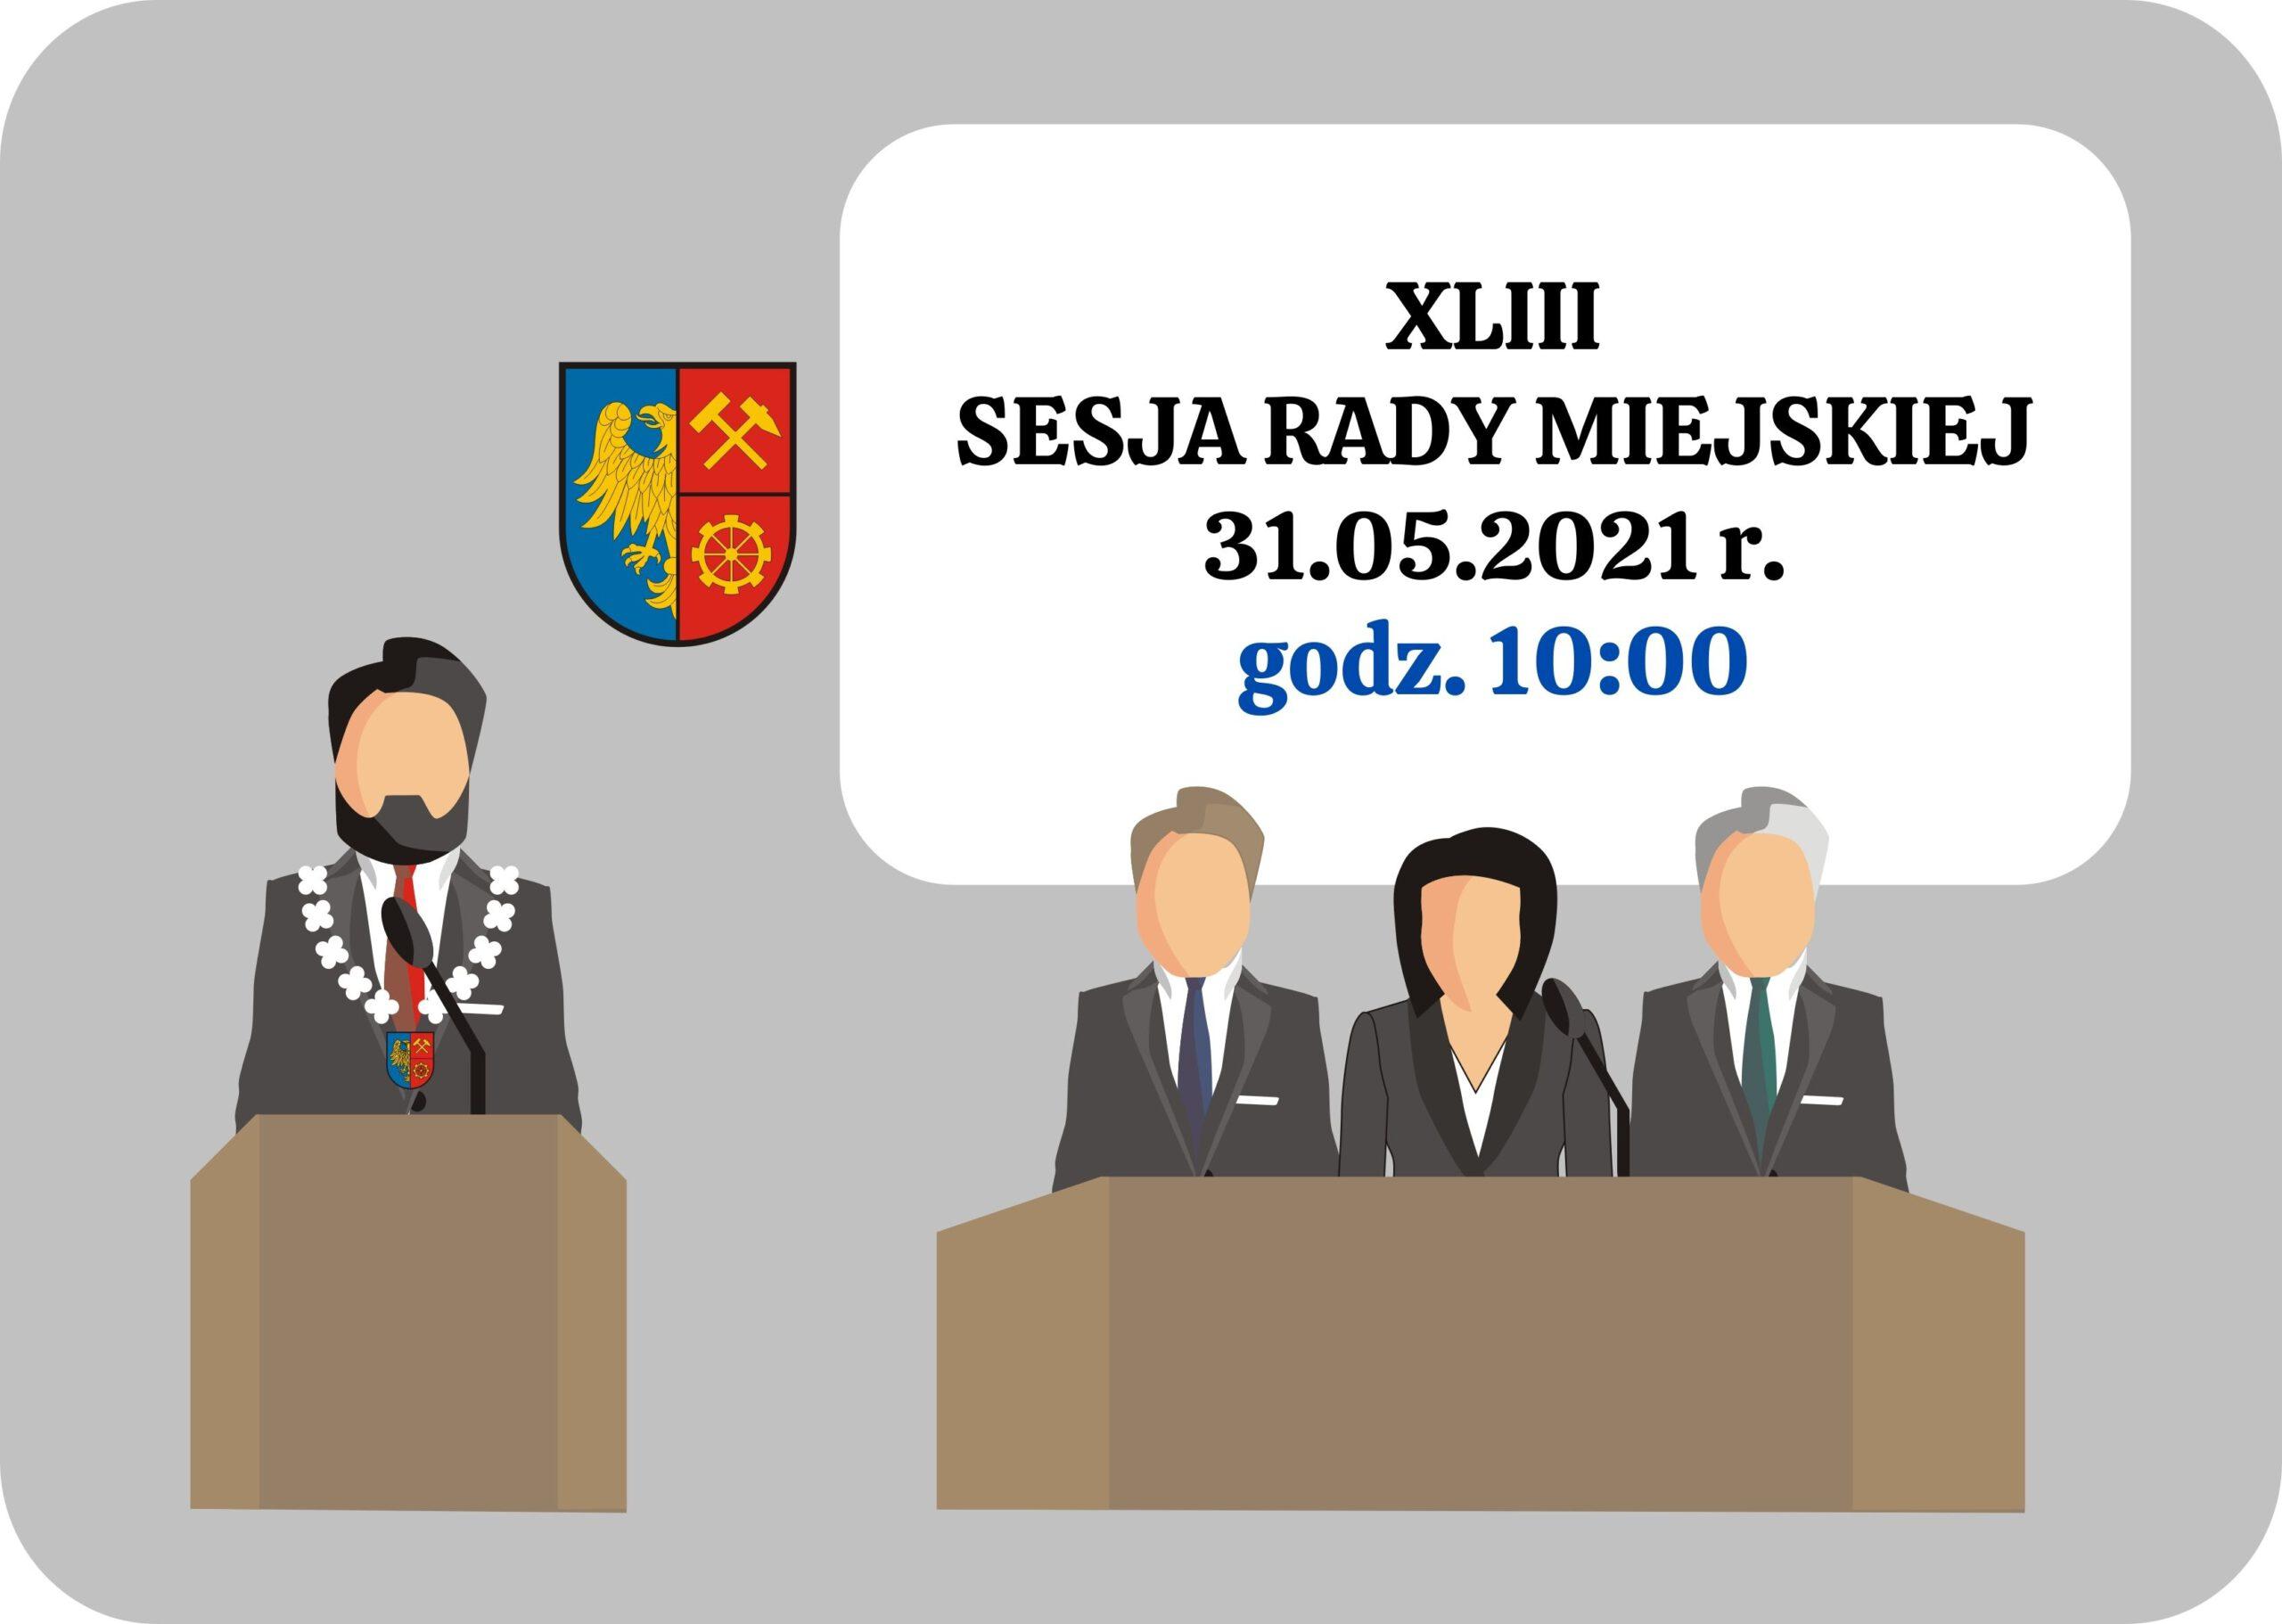 XLIII sesja rady miejskiej